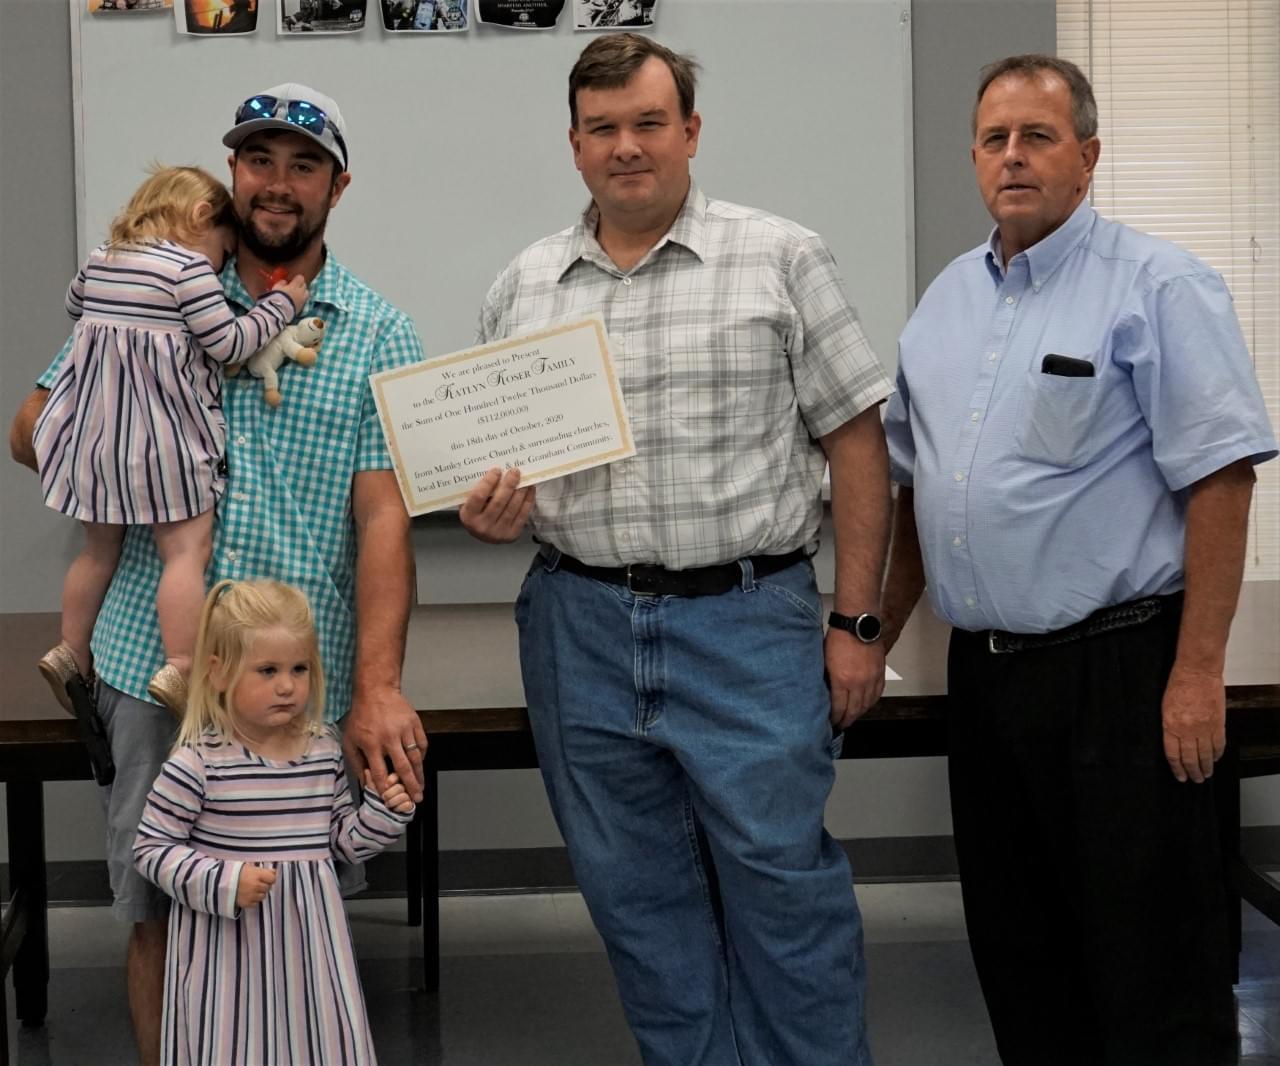 Fundraiser Brings In $112,000 For Koser Family